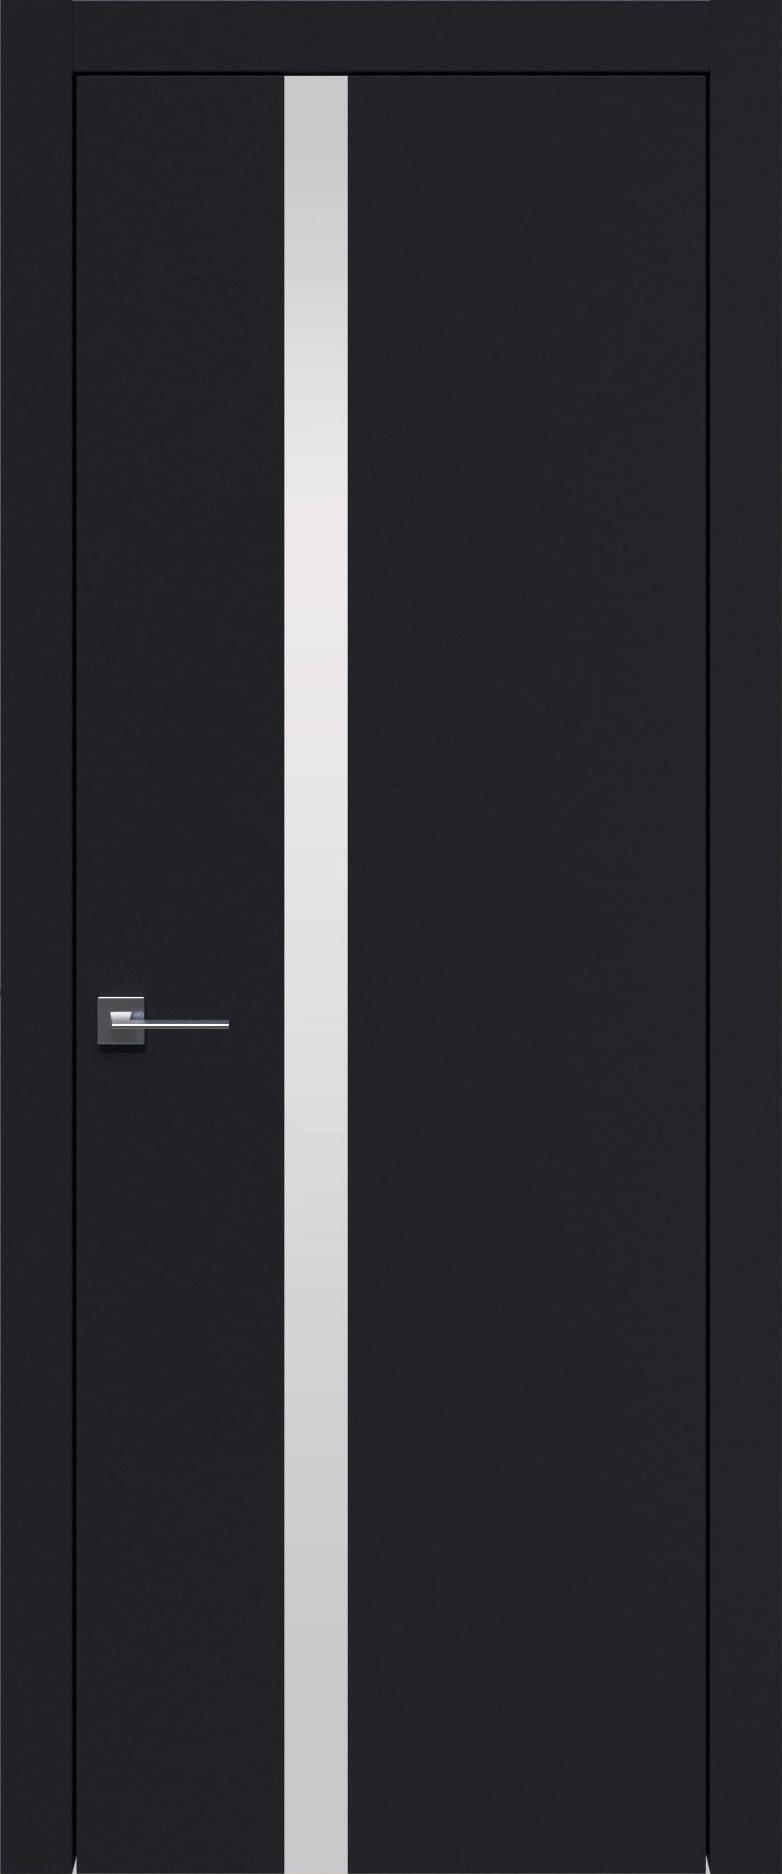 Tivoli Д-1 цвет - Черная эмаль (RAL 9004) Без стекла (ДГ)